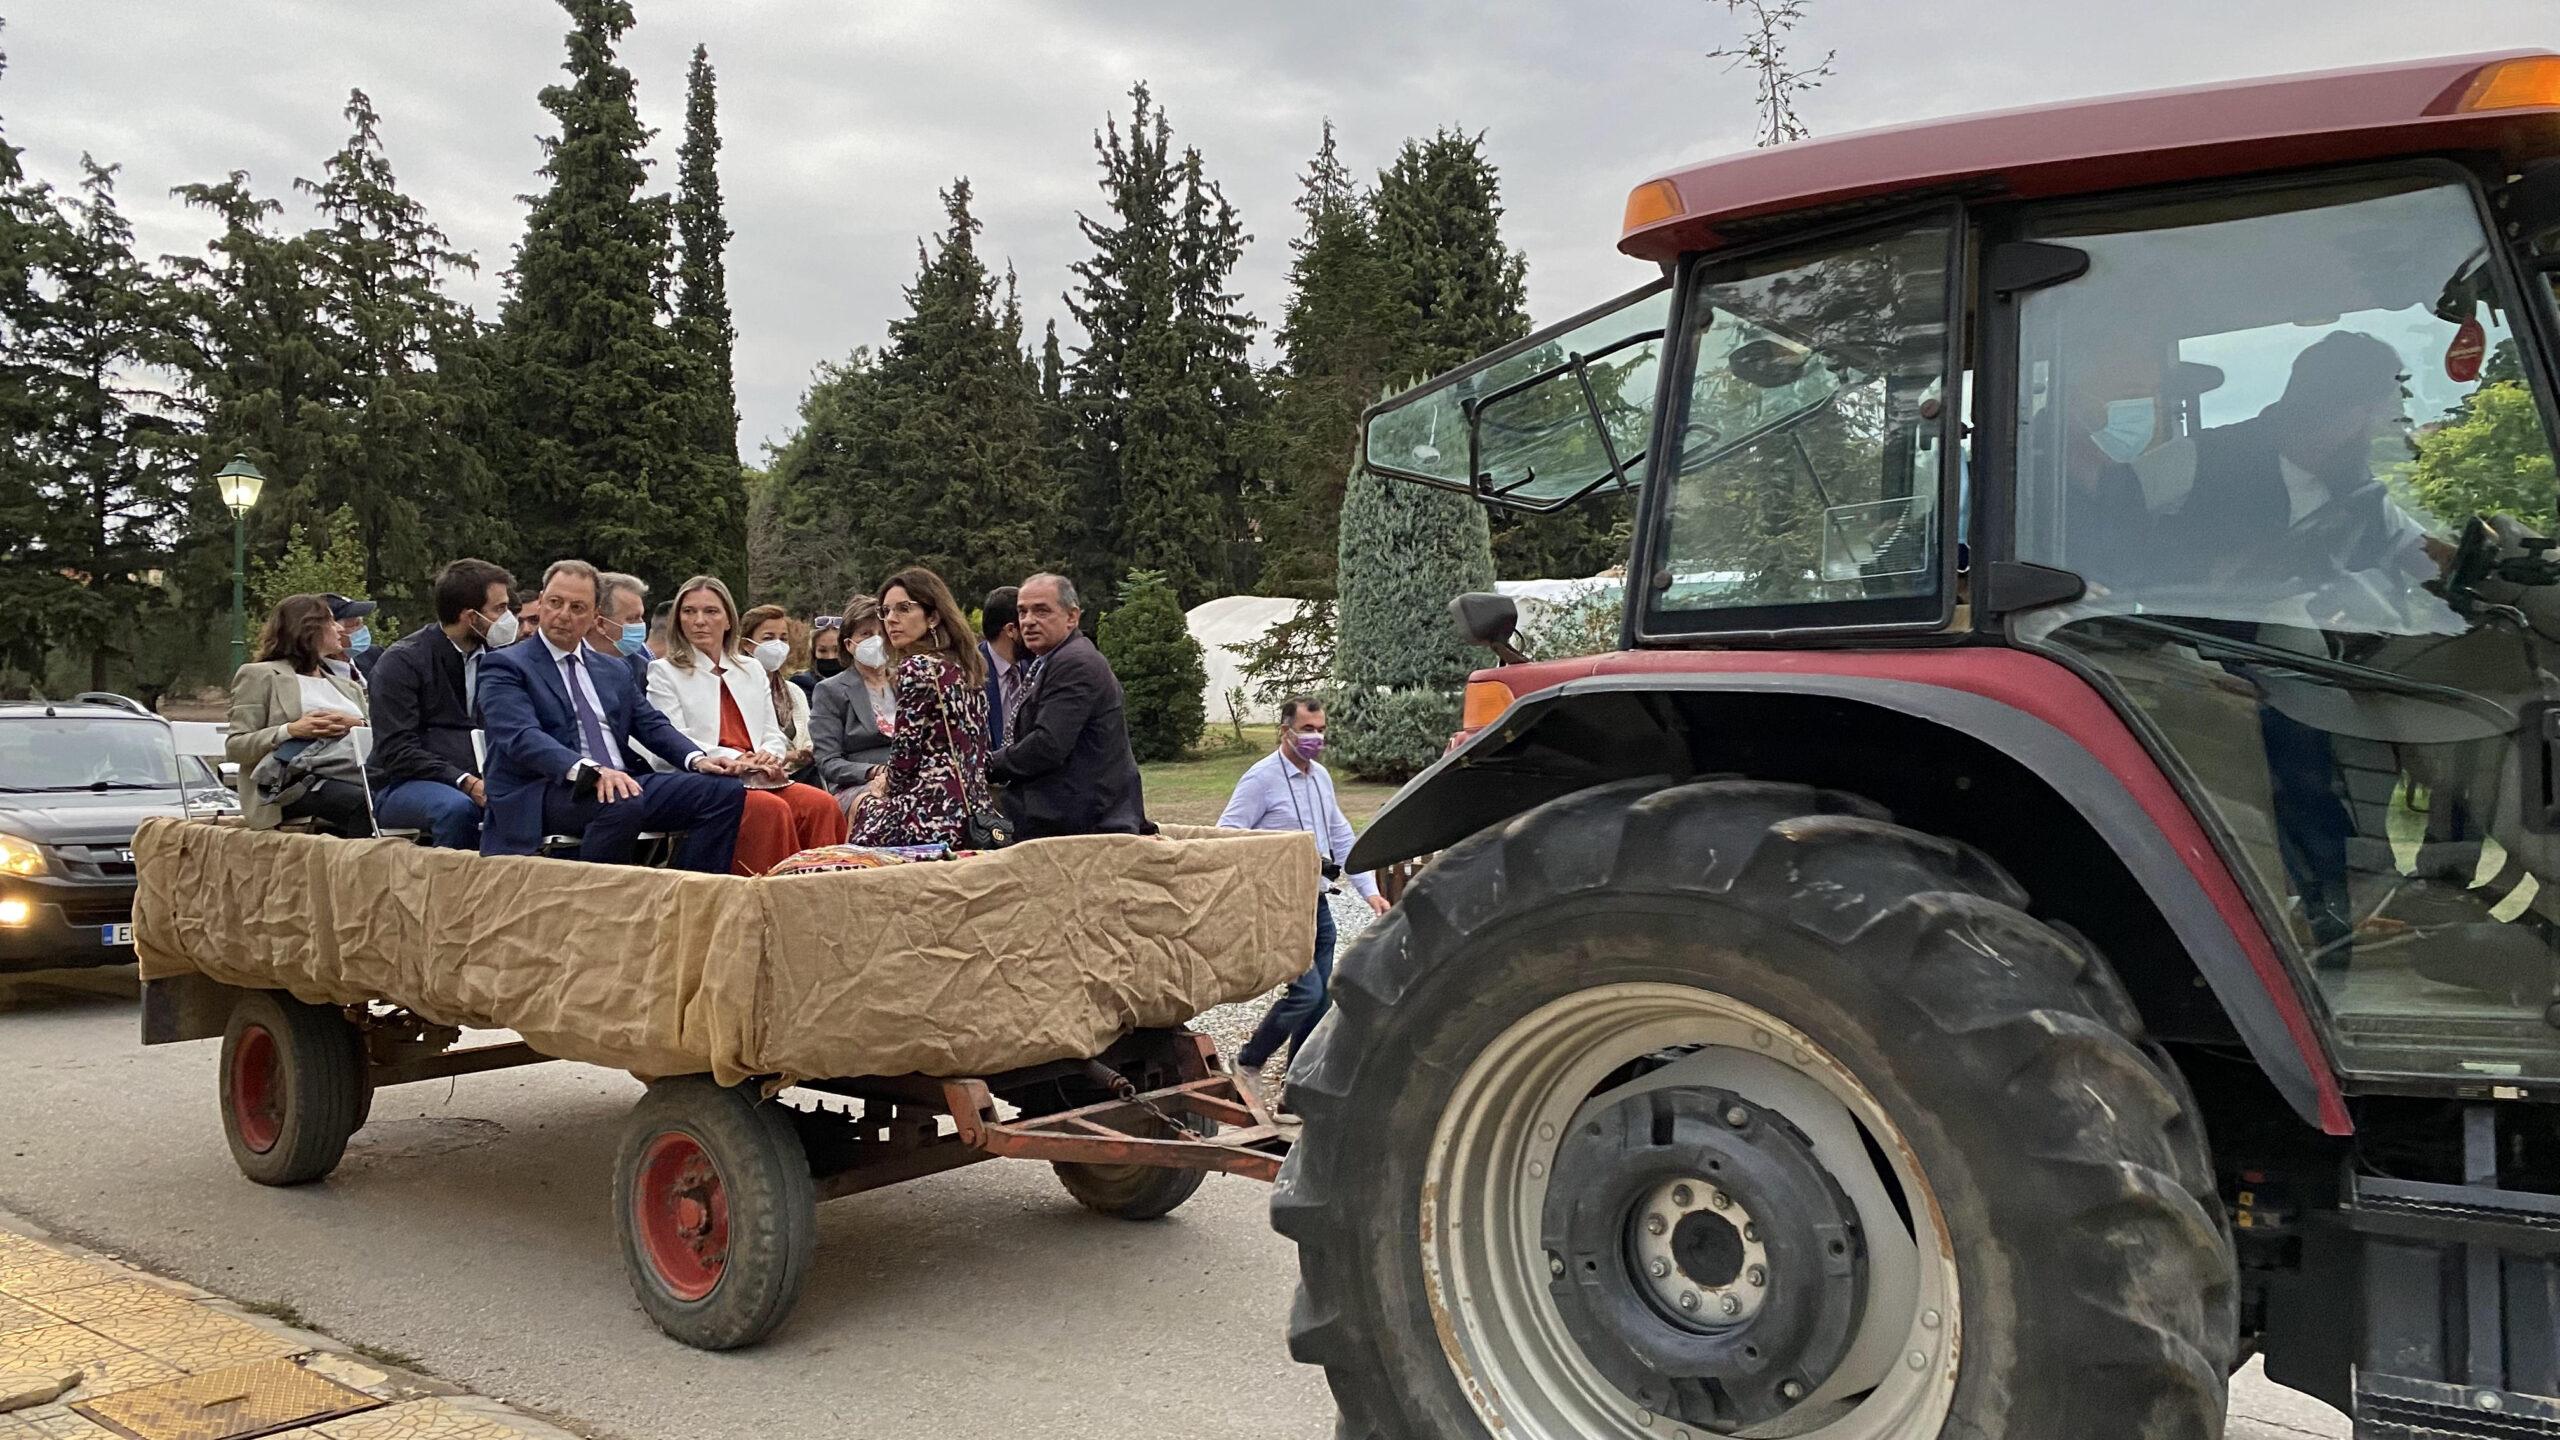 Επίσκεψη υπουργού Αγροτικής Ανάπτυξης και Τροφίμων, Σπήλιου Λιβανού